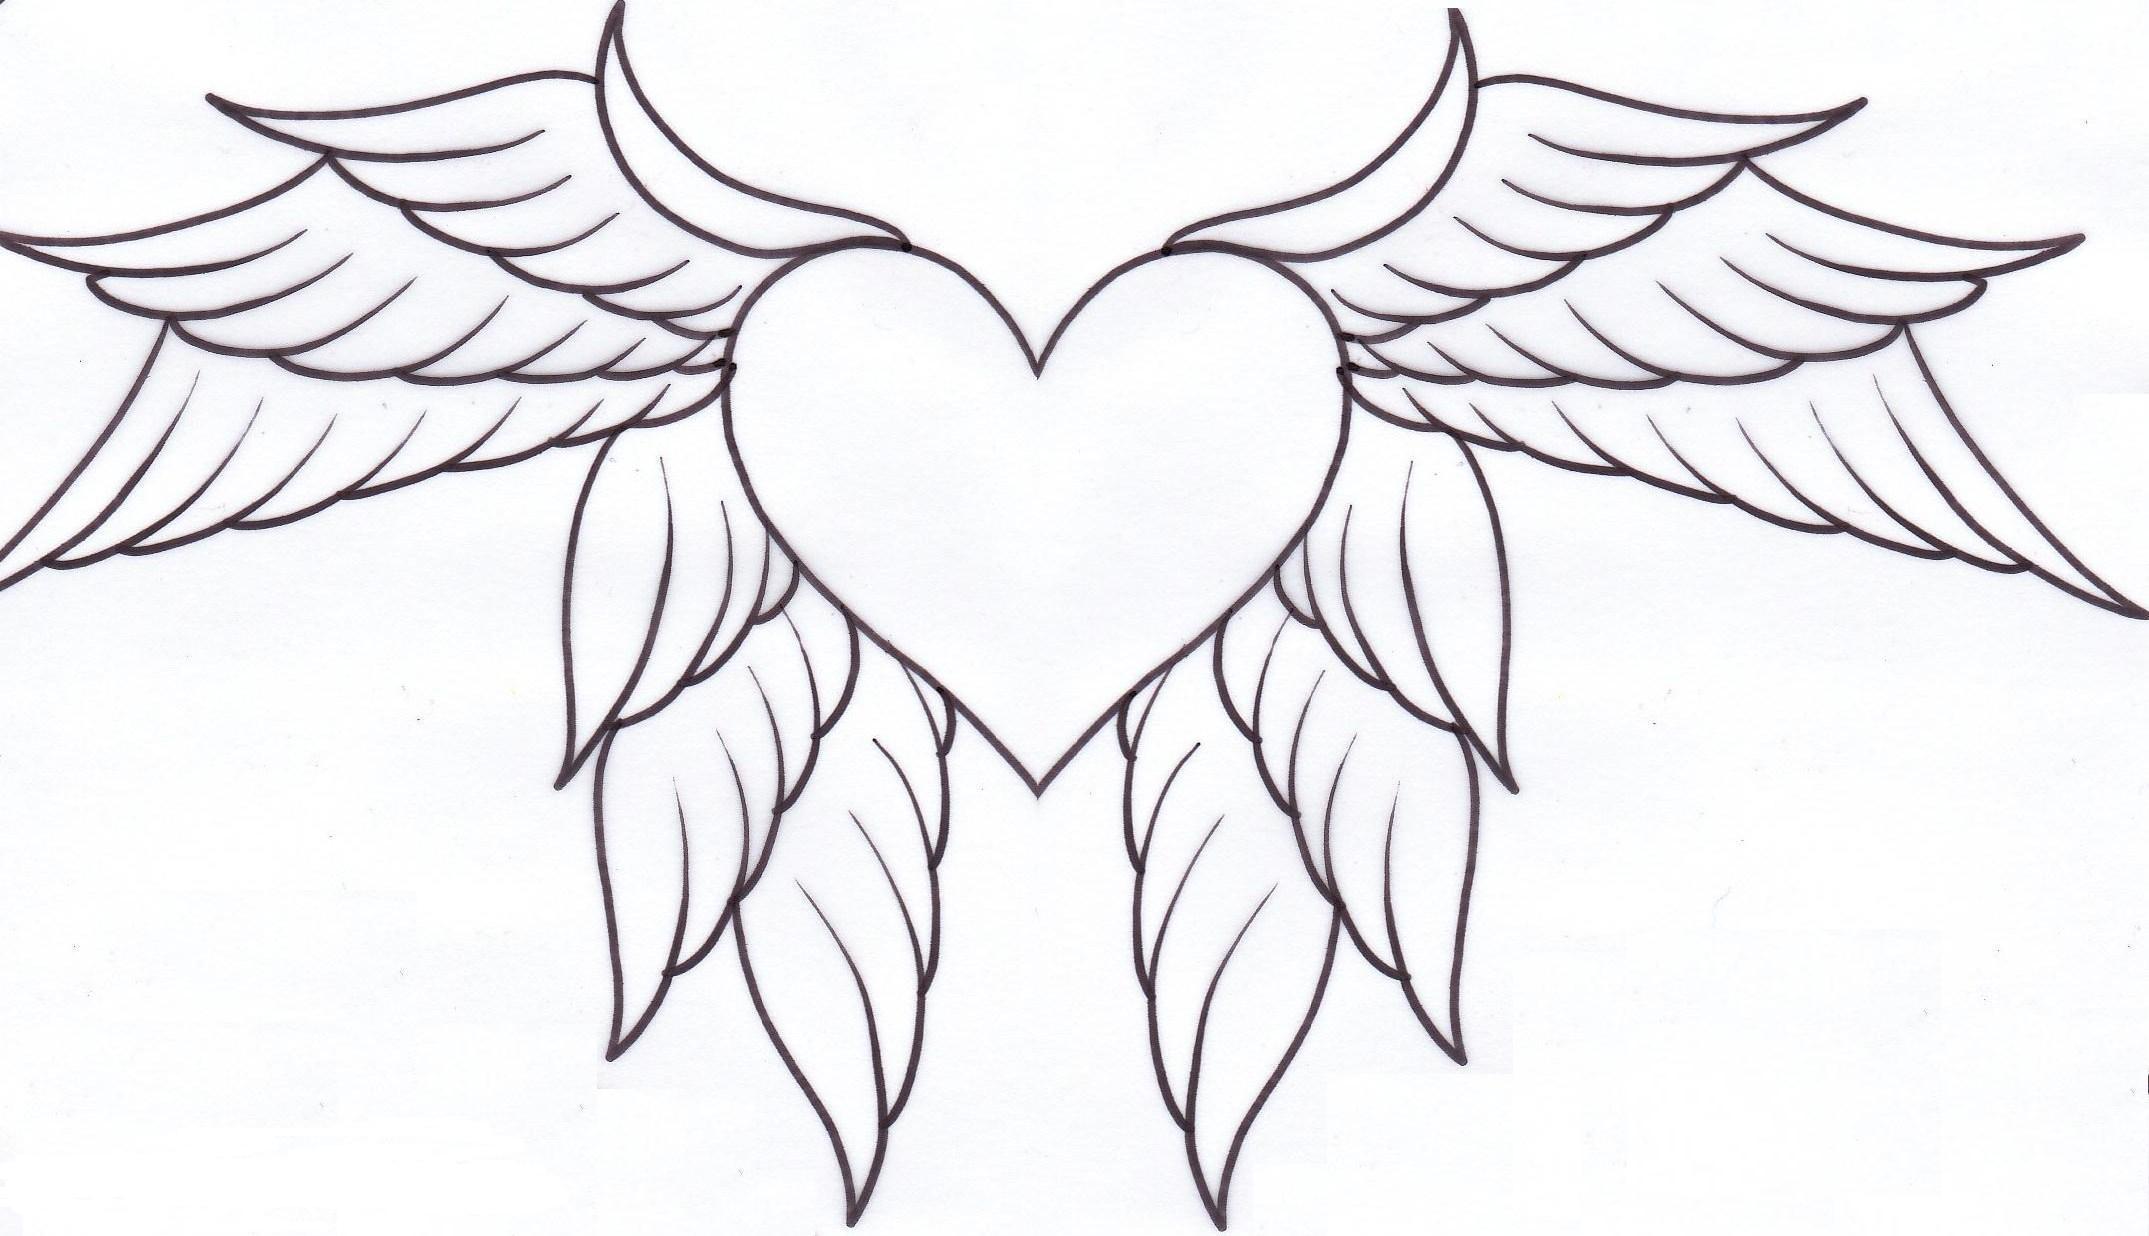 Красивые легкие рисунки карандашом для срисовки